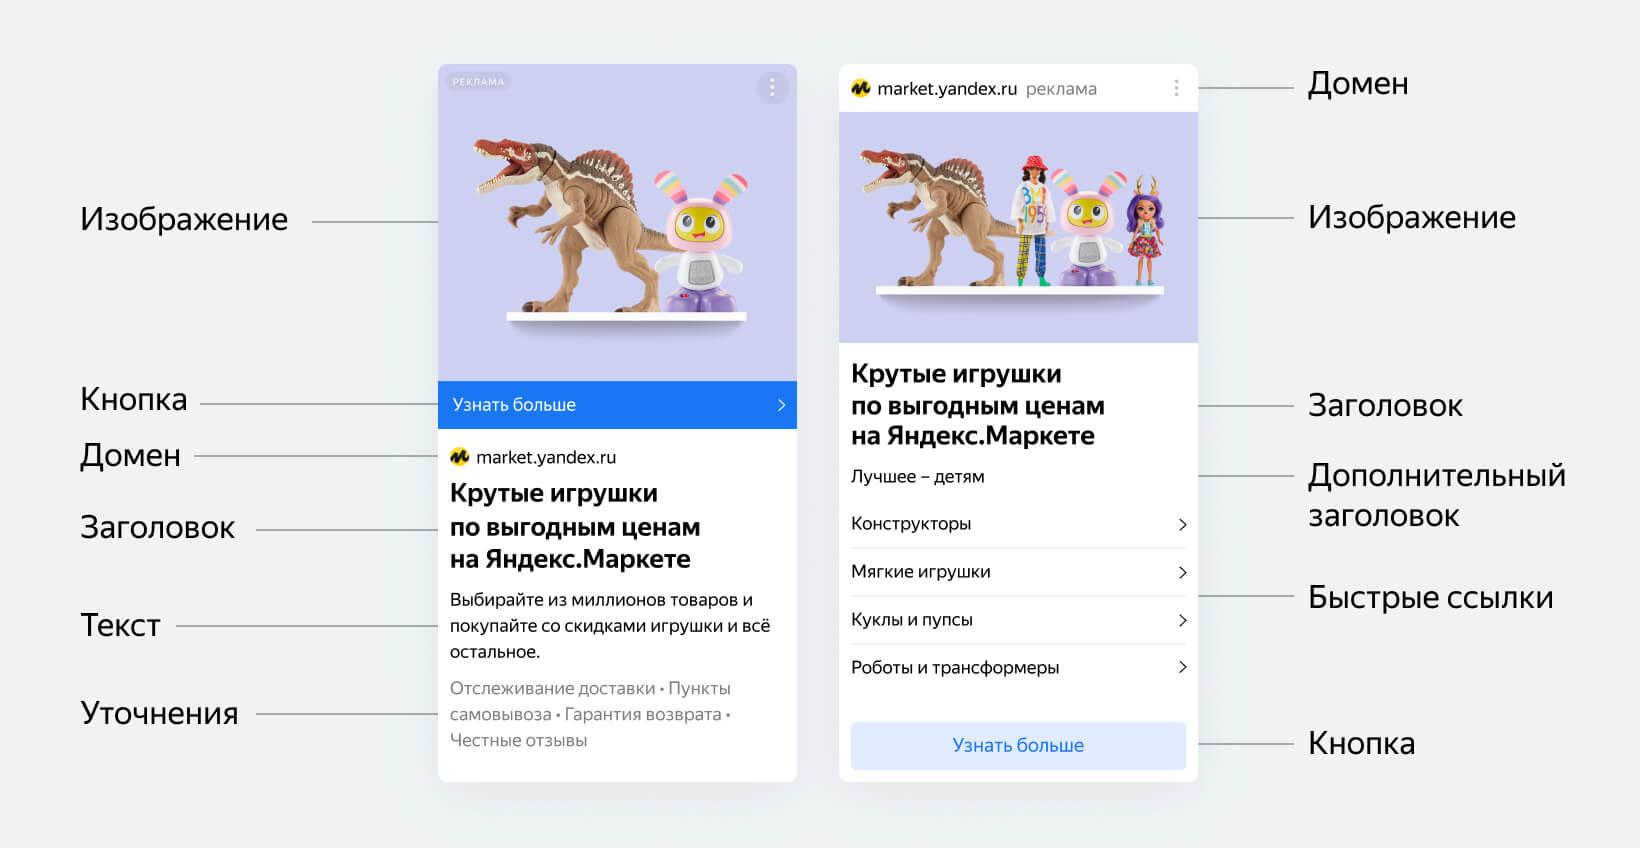 В Рекламной сети Яндекса появилась новая технология для объявлений — Smart Design